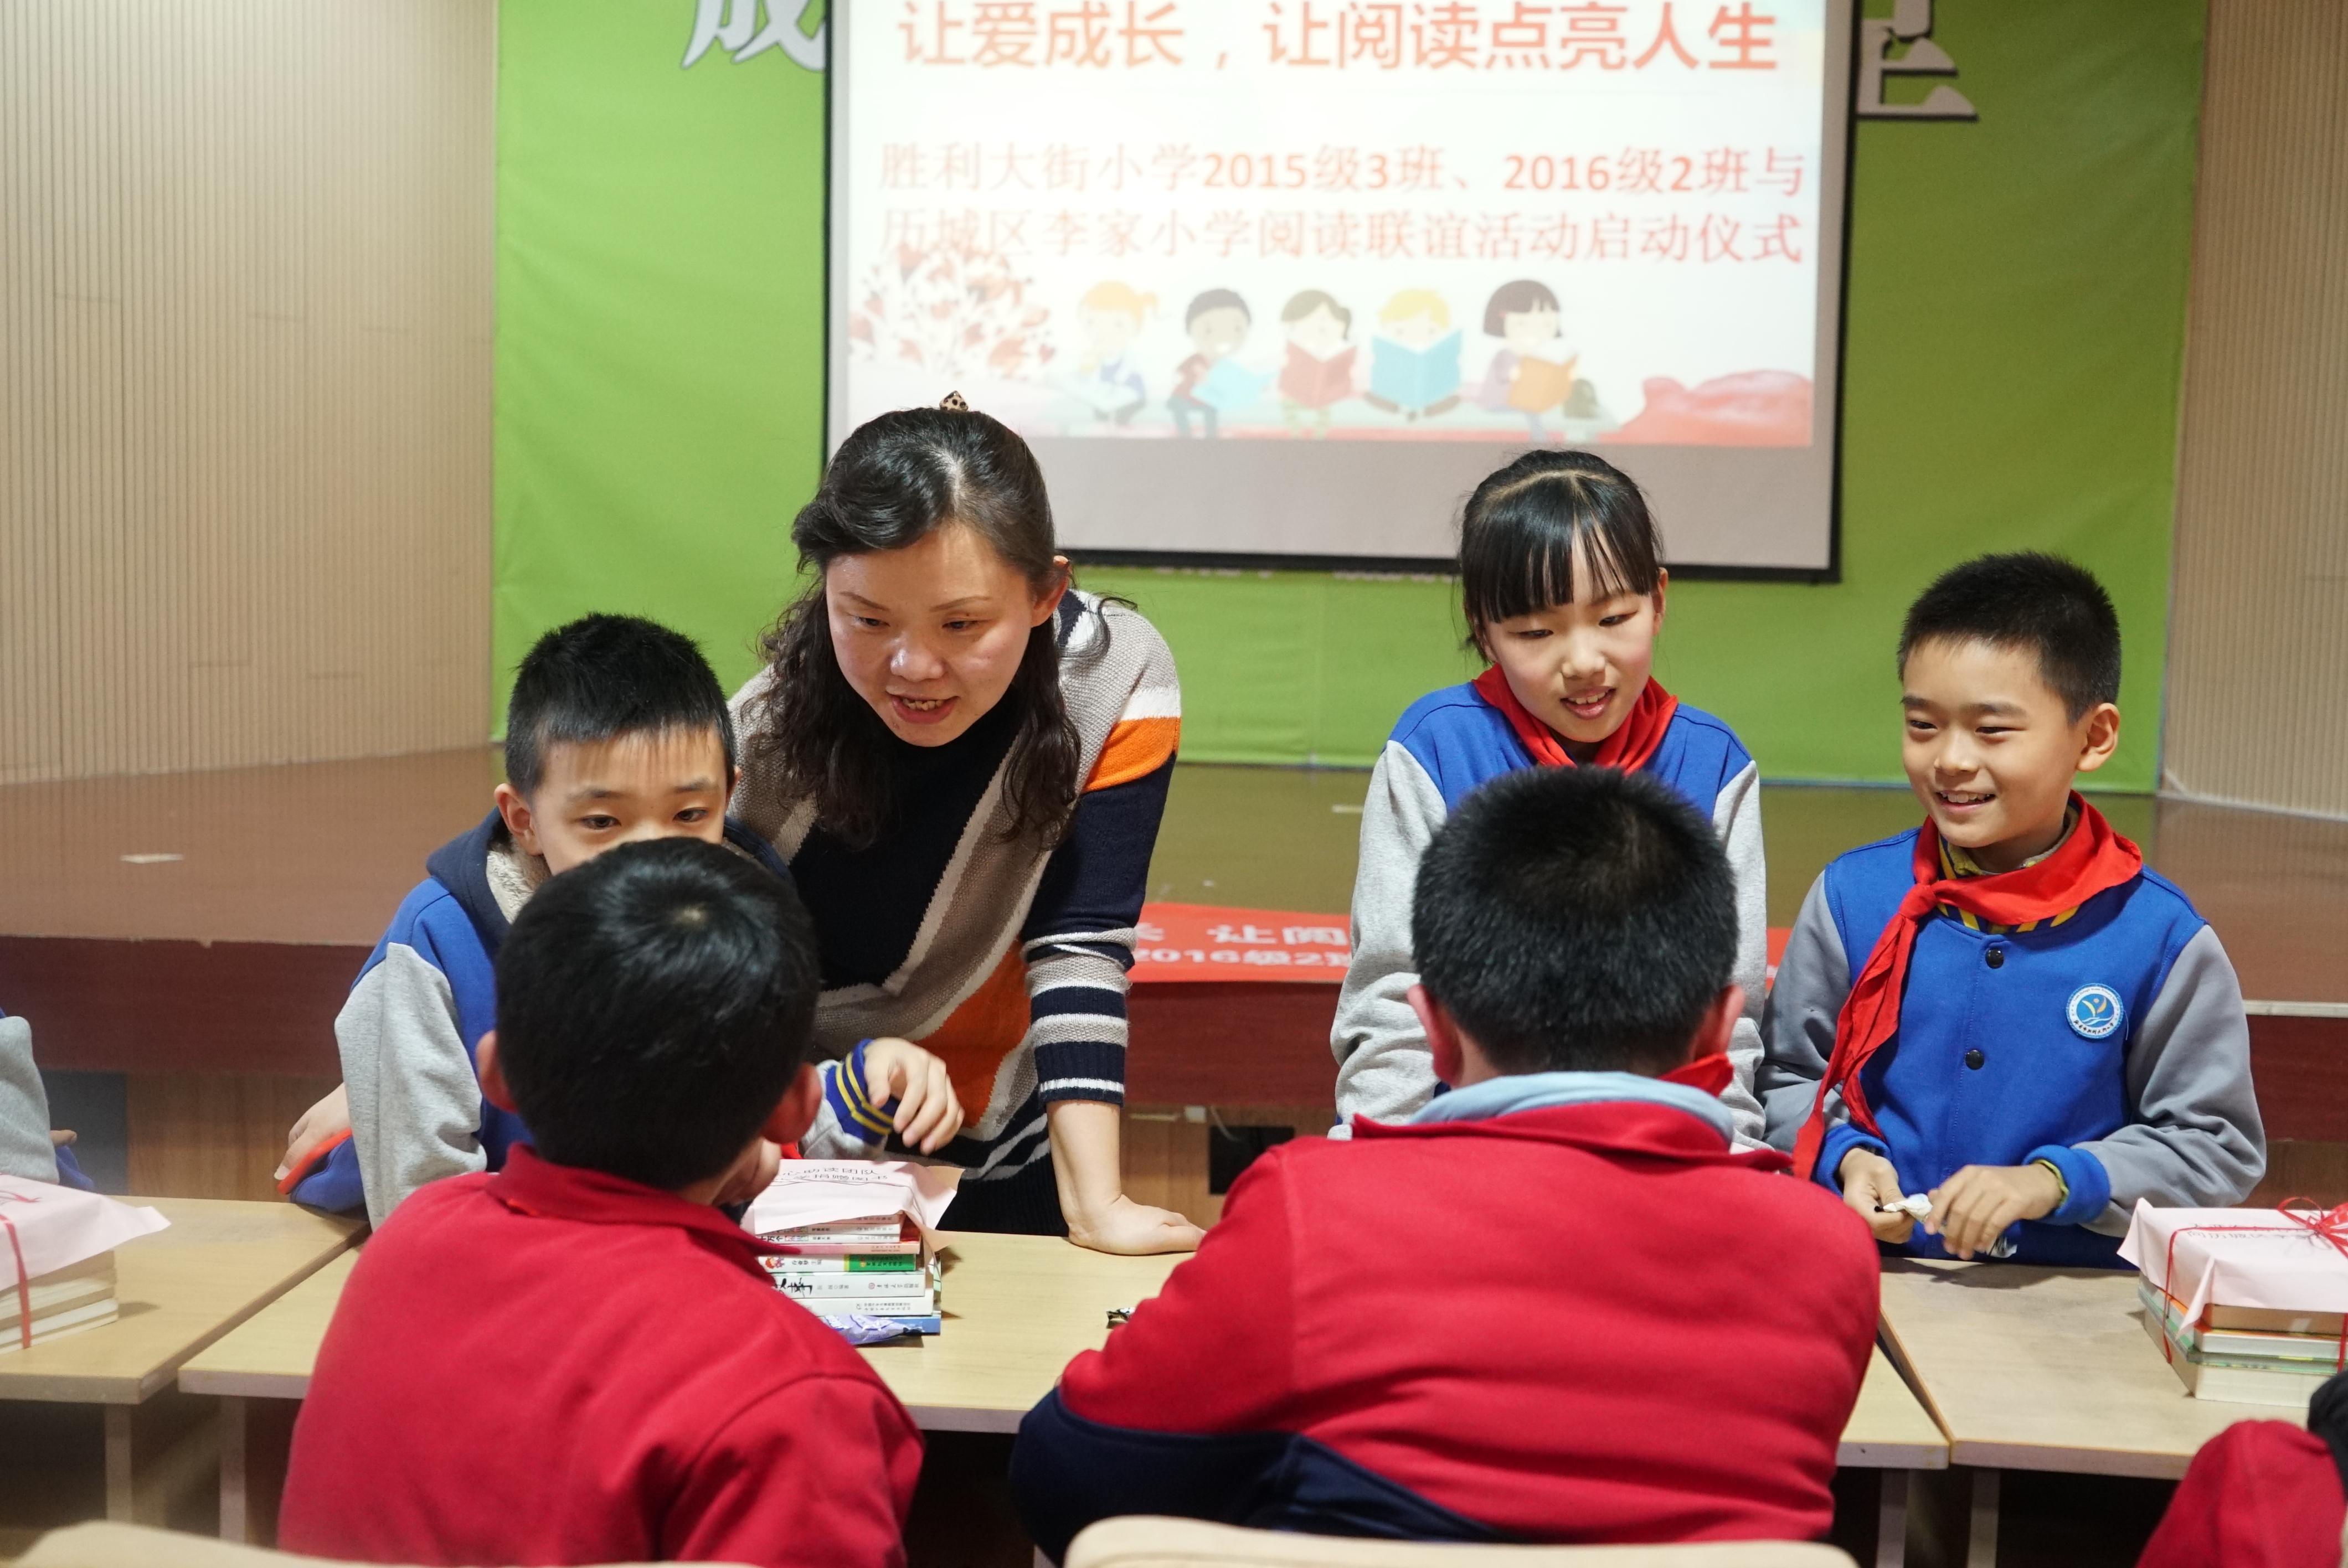 让爱成长,让阅读点亮人生——胜利大街小学与柳埠镇李家小学开展阅读联谊活动及爱心图书捐赠仪式